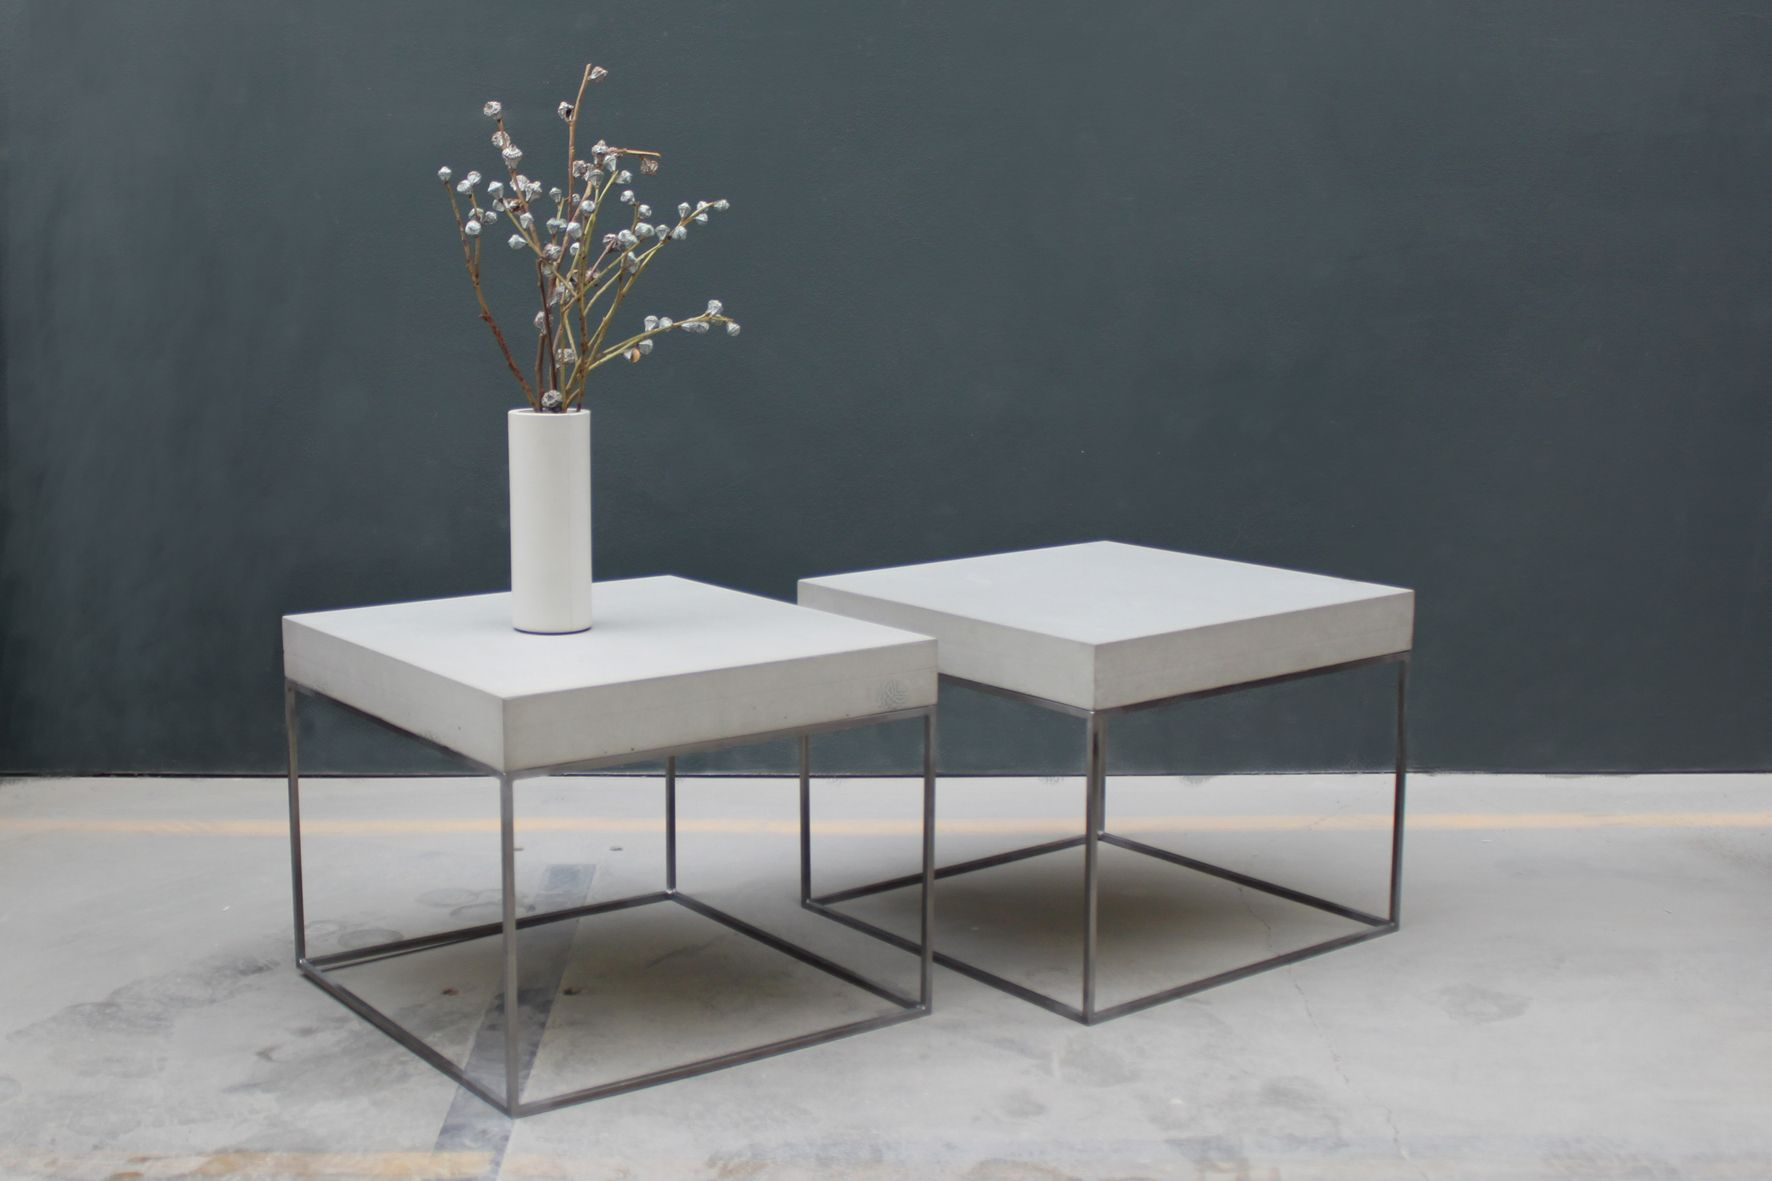 Betontisch Loungetisch Beistelltisch Wohnzimmer Esszimmer Handmade Industriallook Betonvase